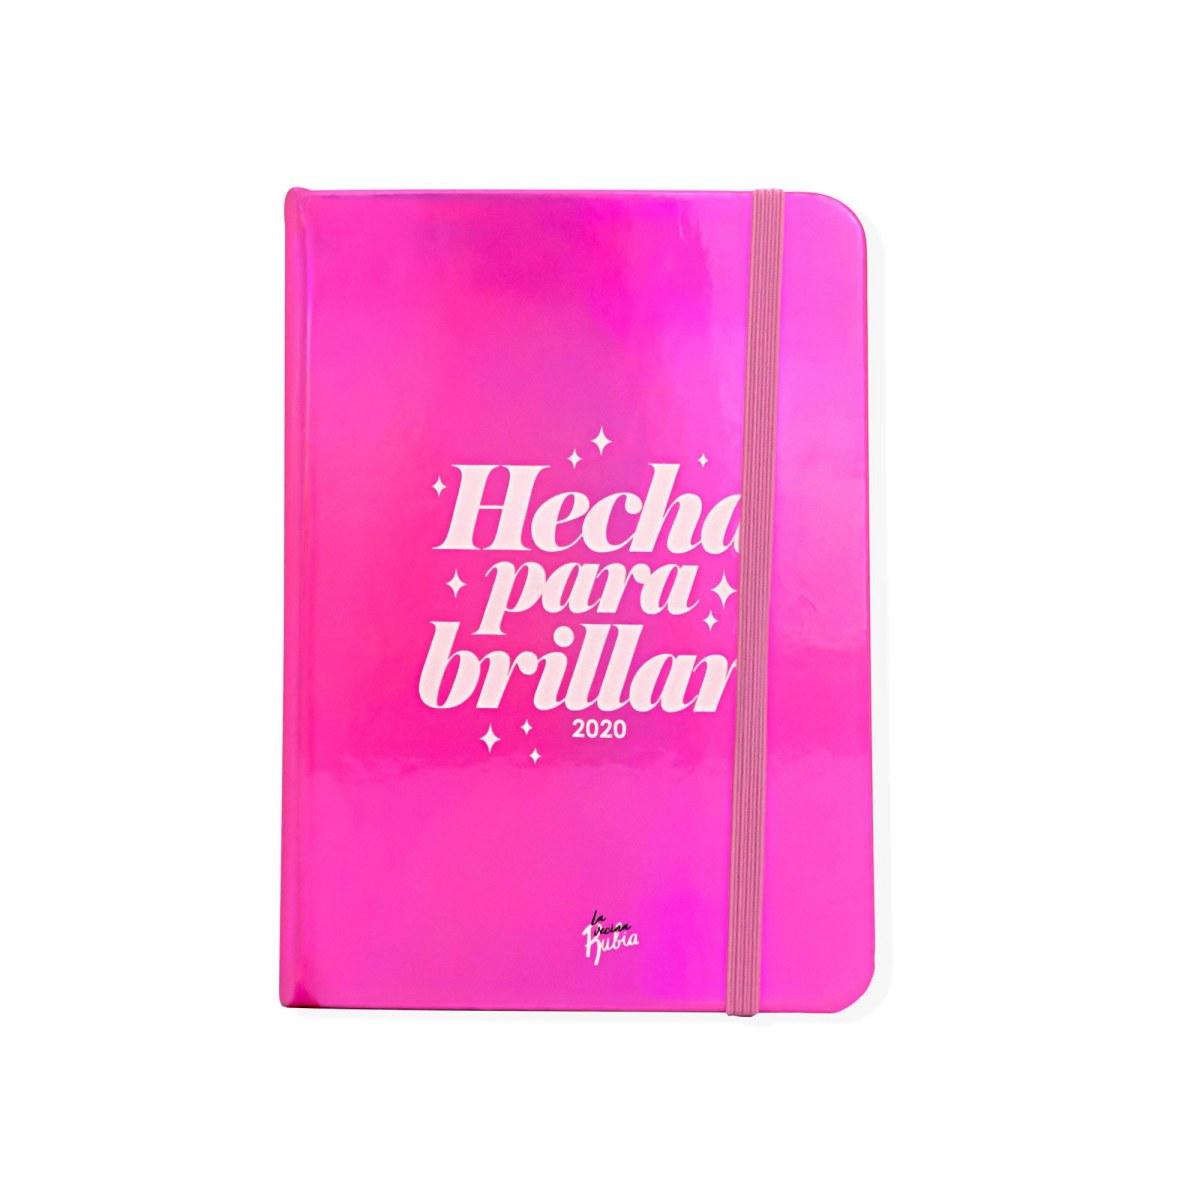 AGENDA BOLSILLO LA VECINA RUBIA 2020 9788417166557